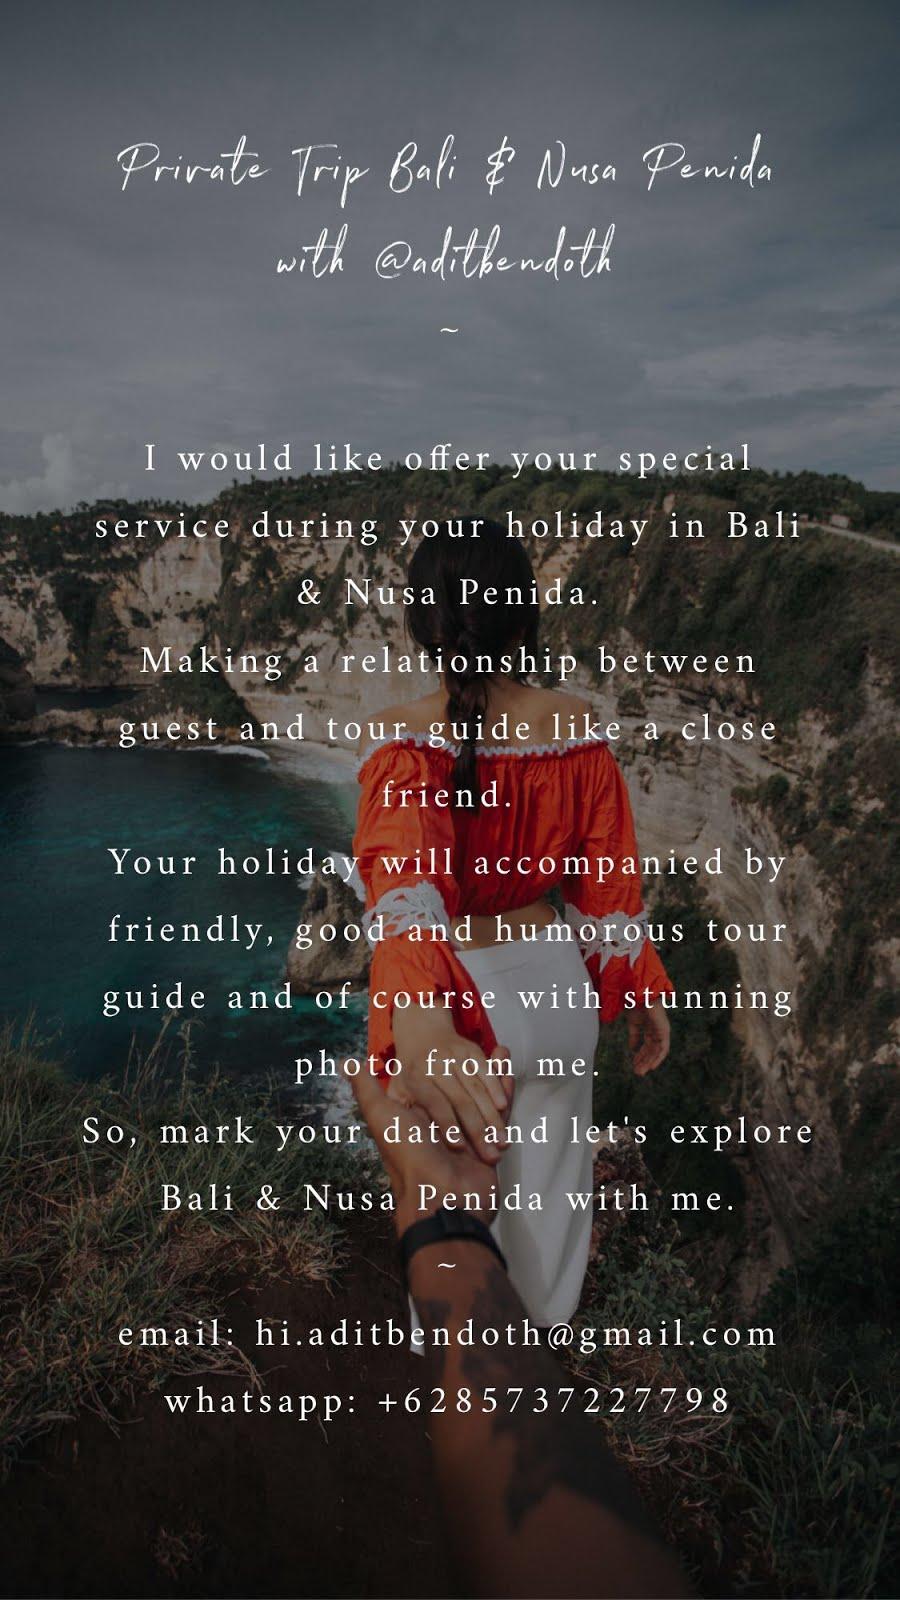 Private Trip To Bali